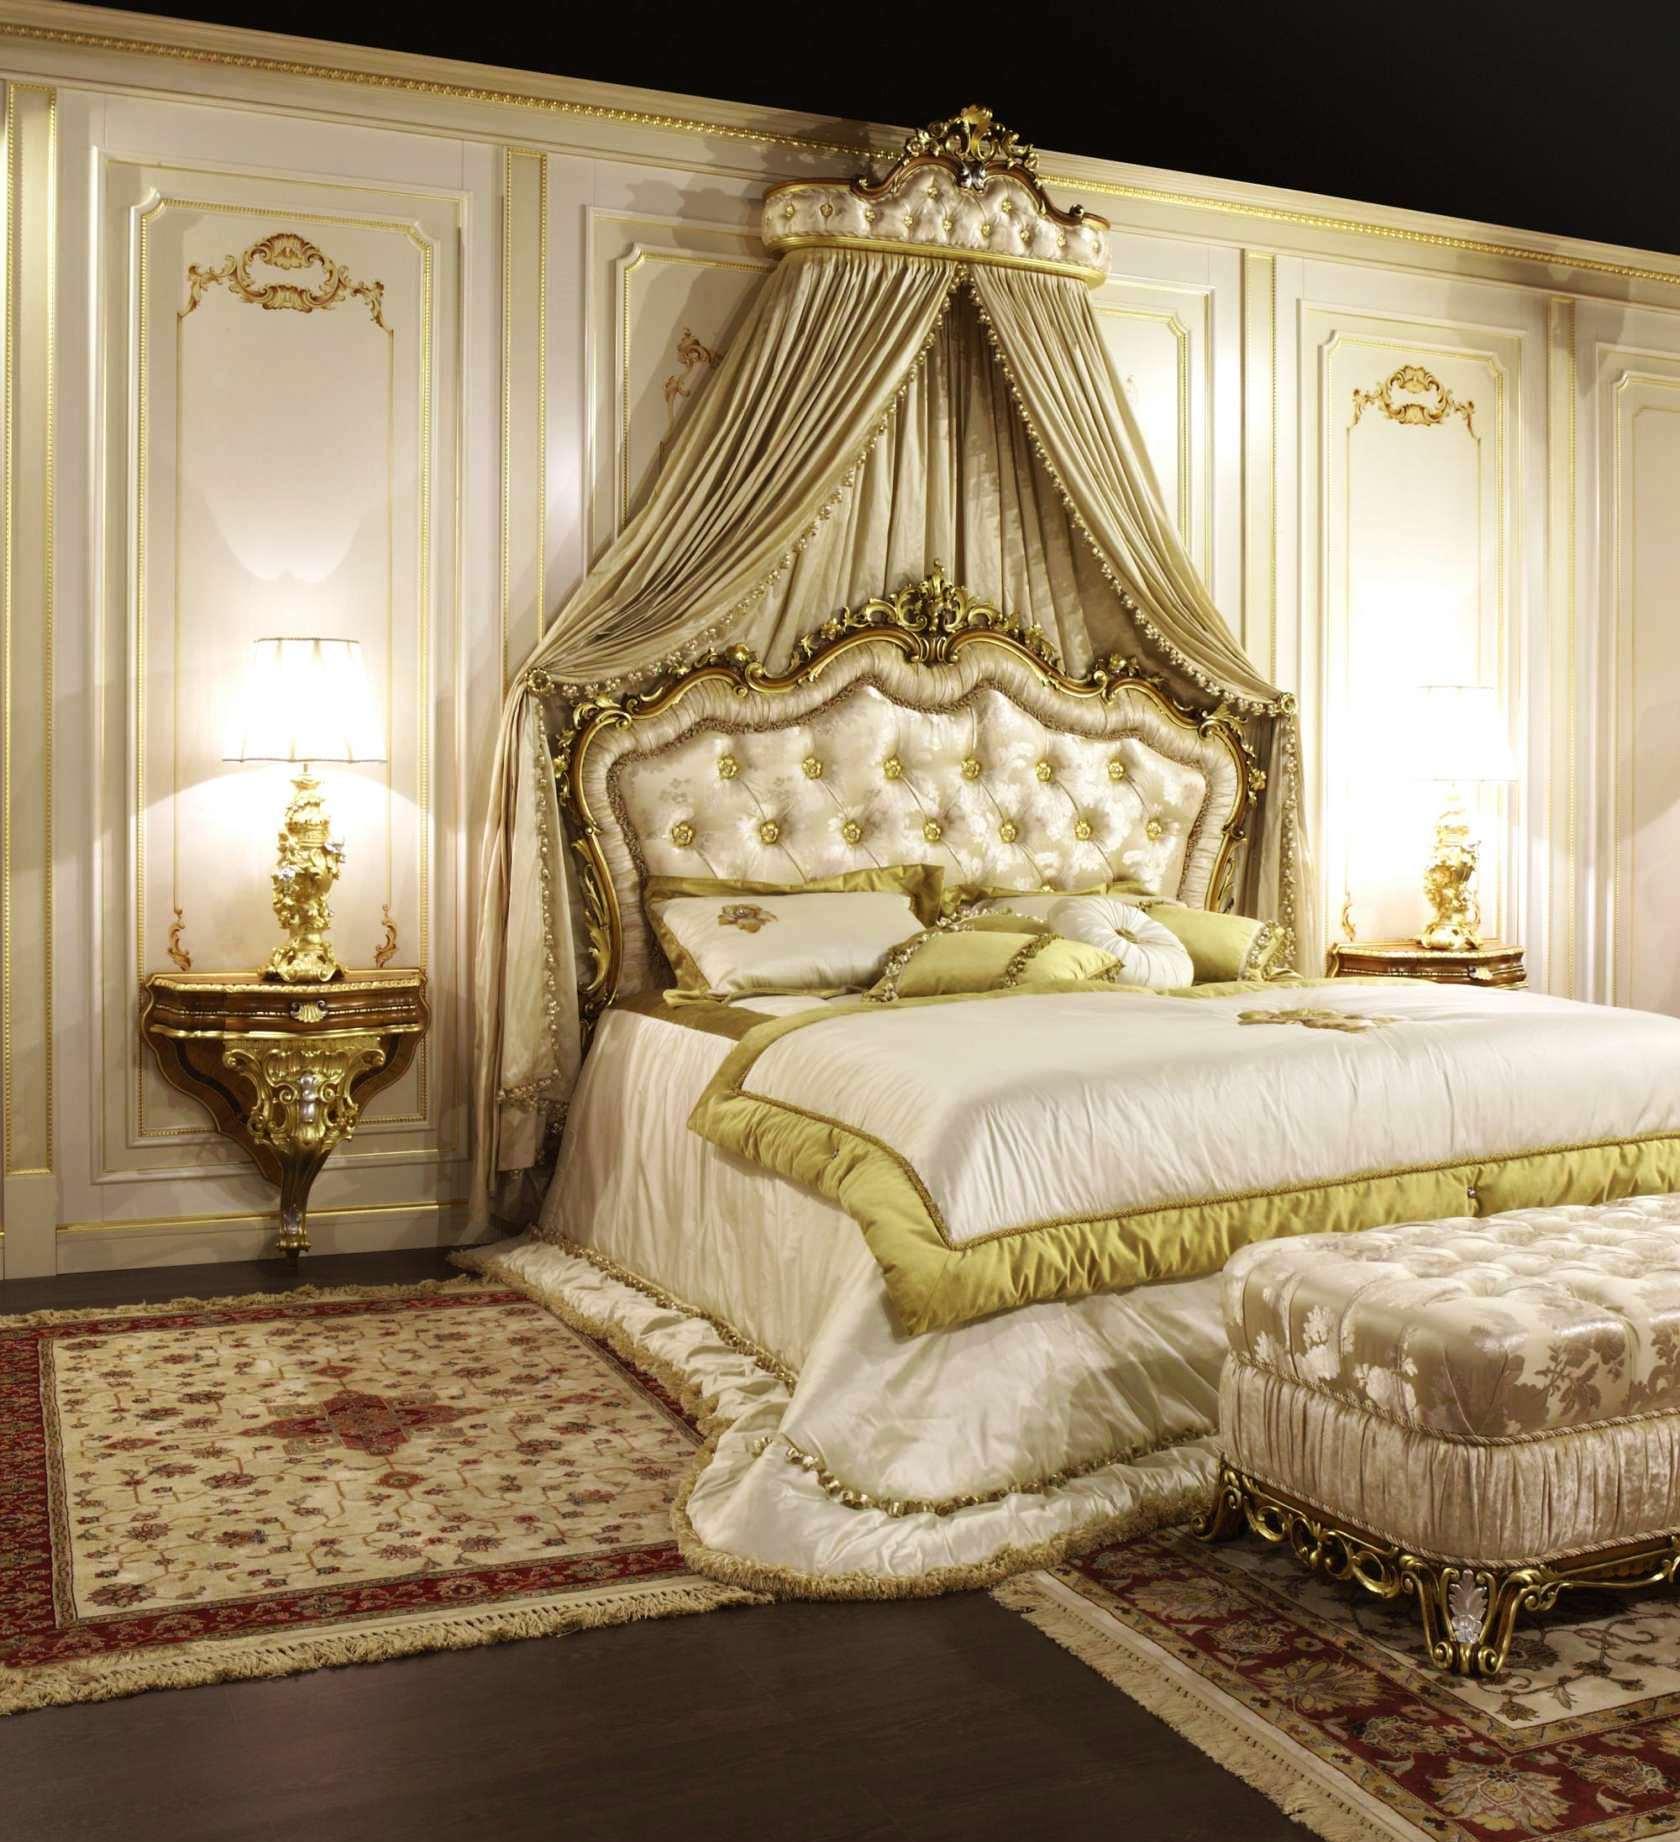 Lyxig gyllene baldakin över sängen